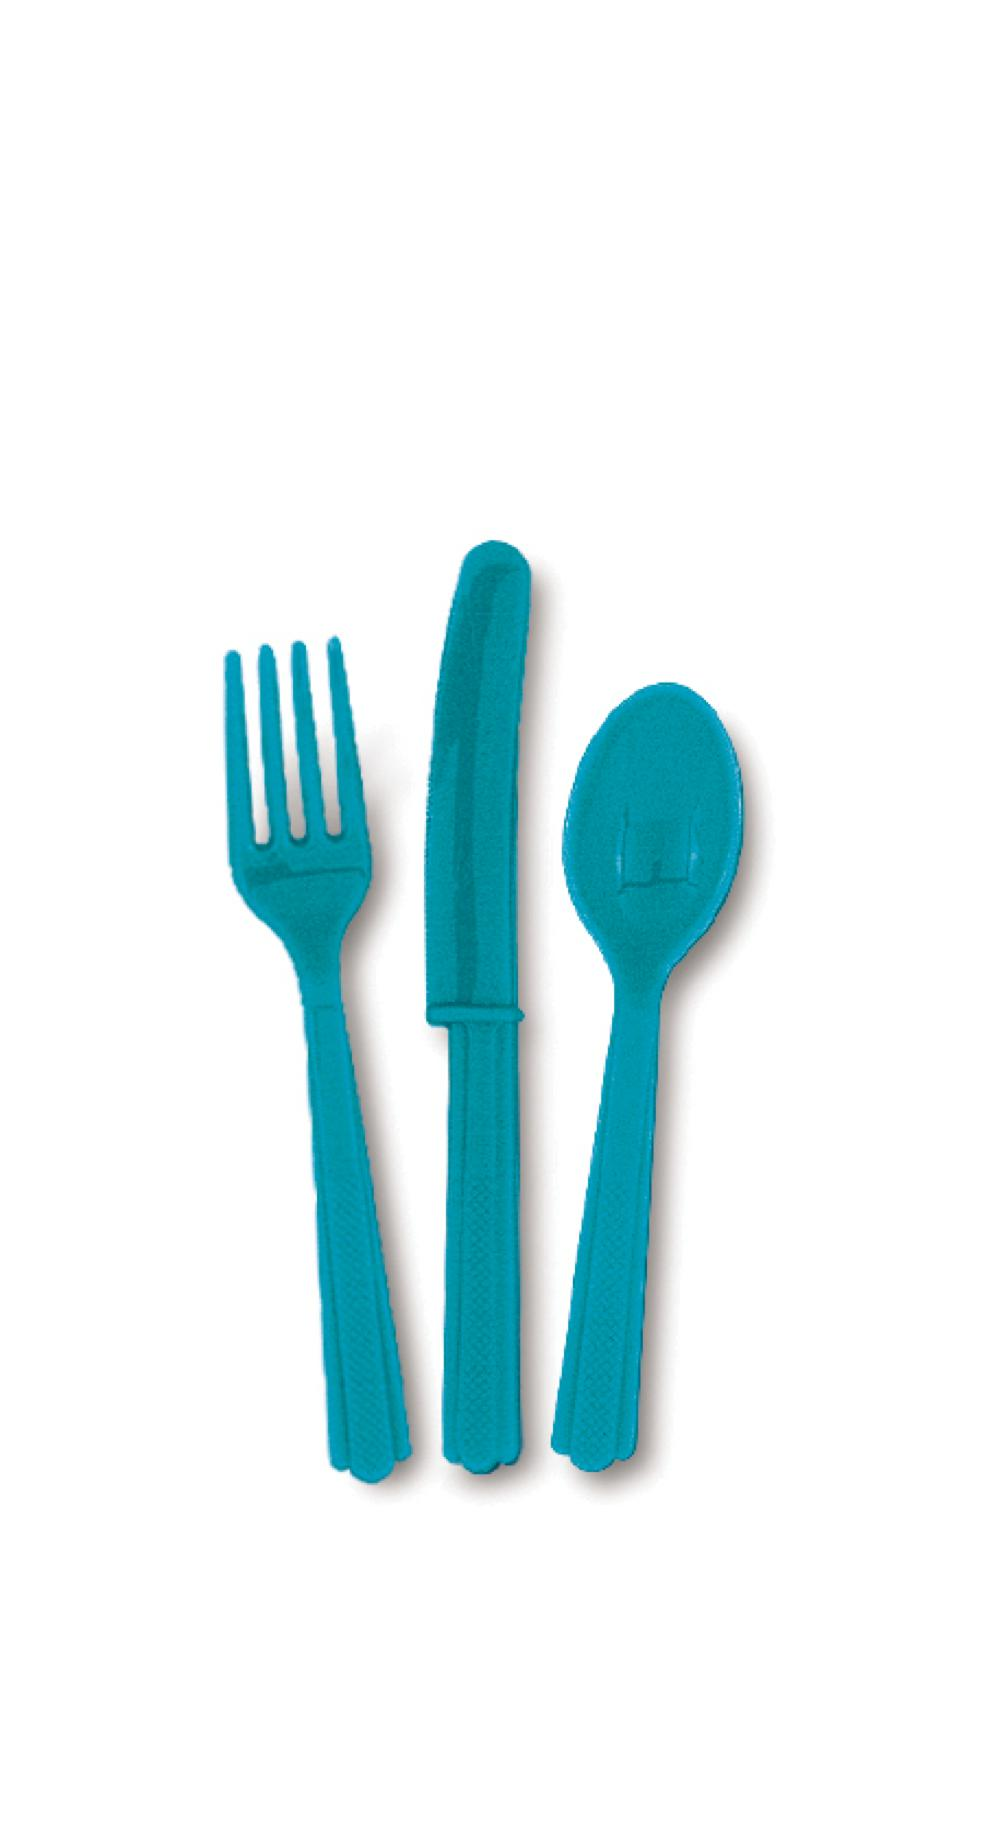 18 ustensiles assortis Turquoise